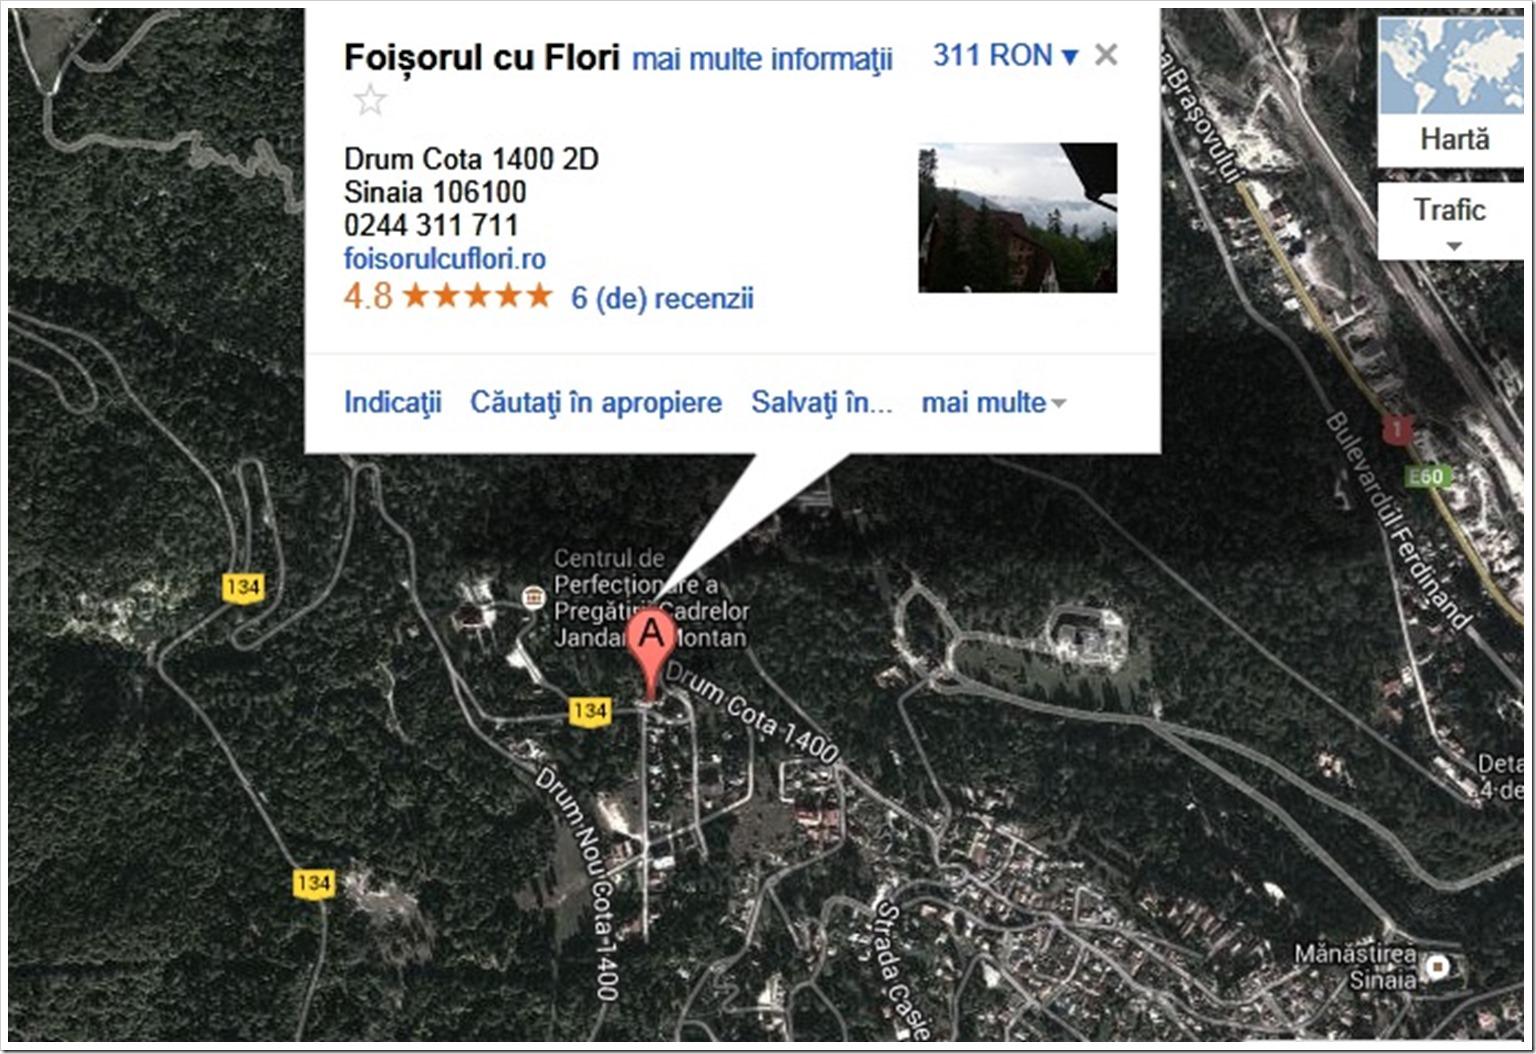 Harta localizare Foișorul cu flori